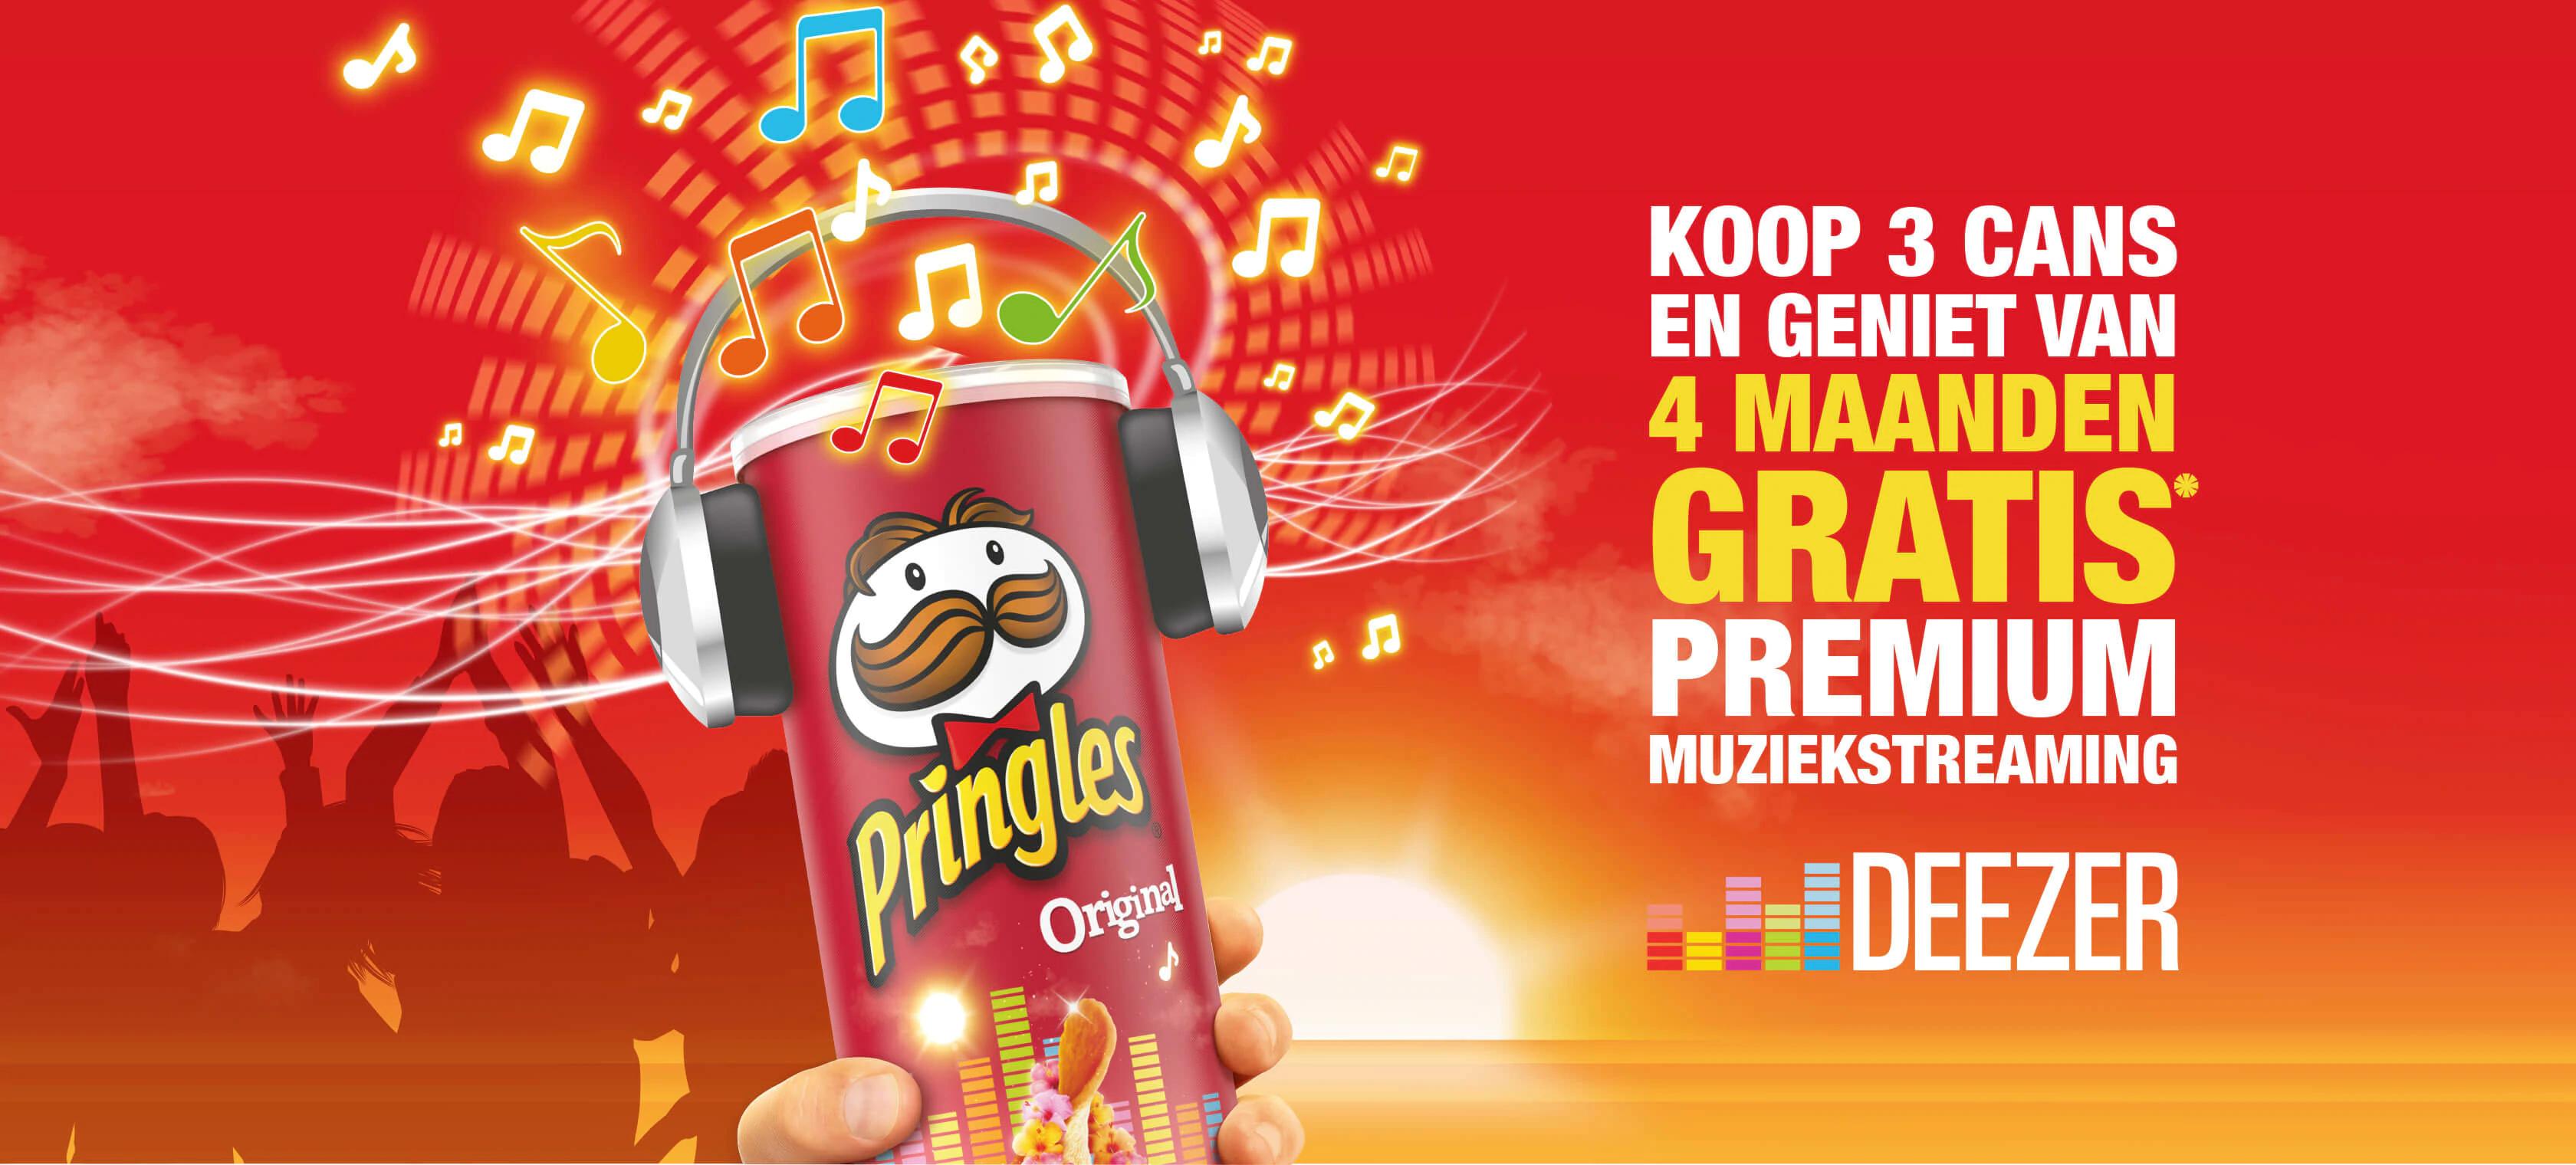 4 maanden GRATIS Deezer premium bij 3 bussen Pringles (nieuwe users)